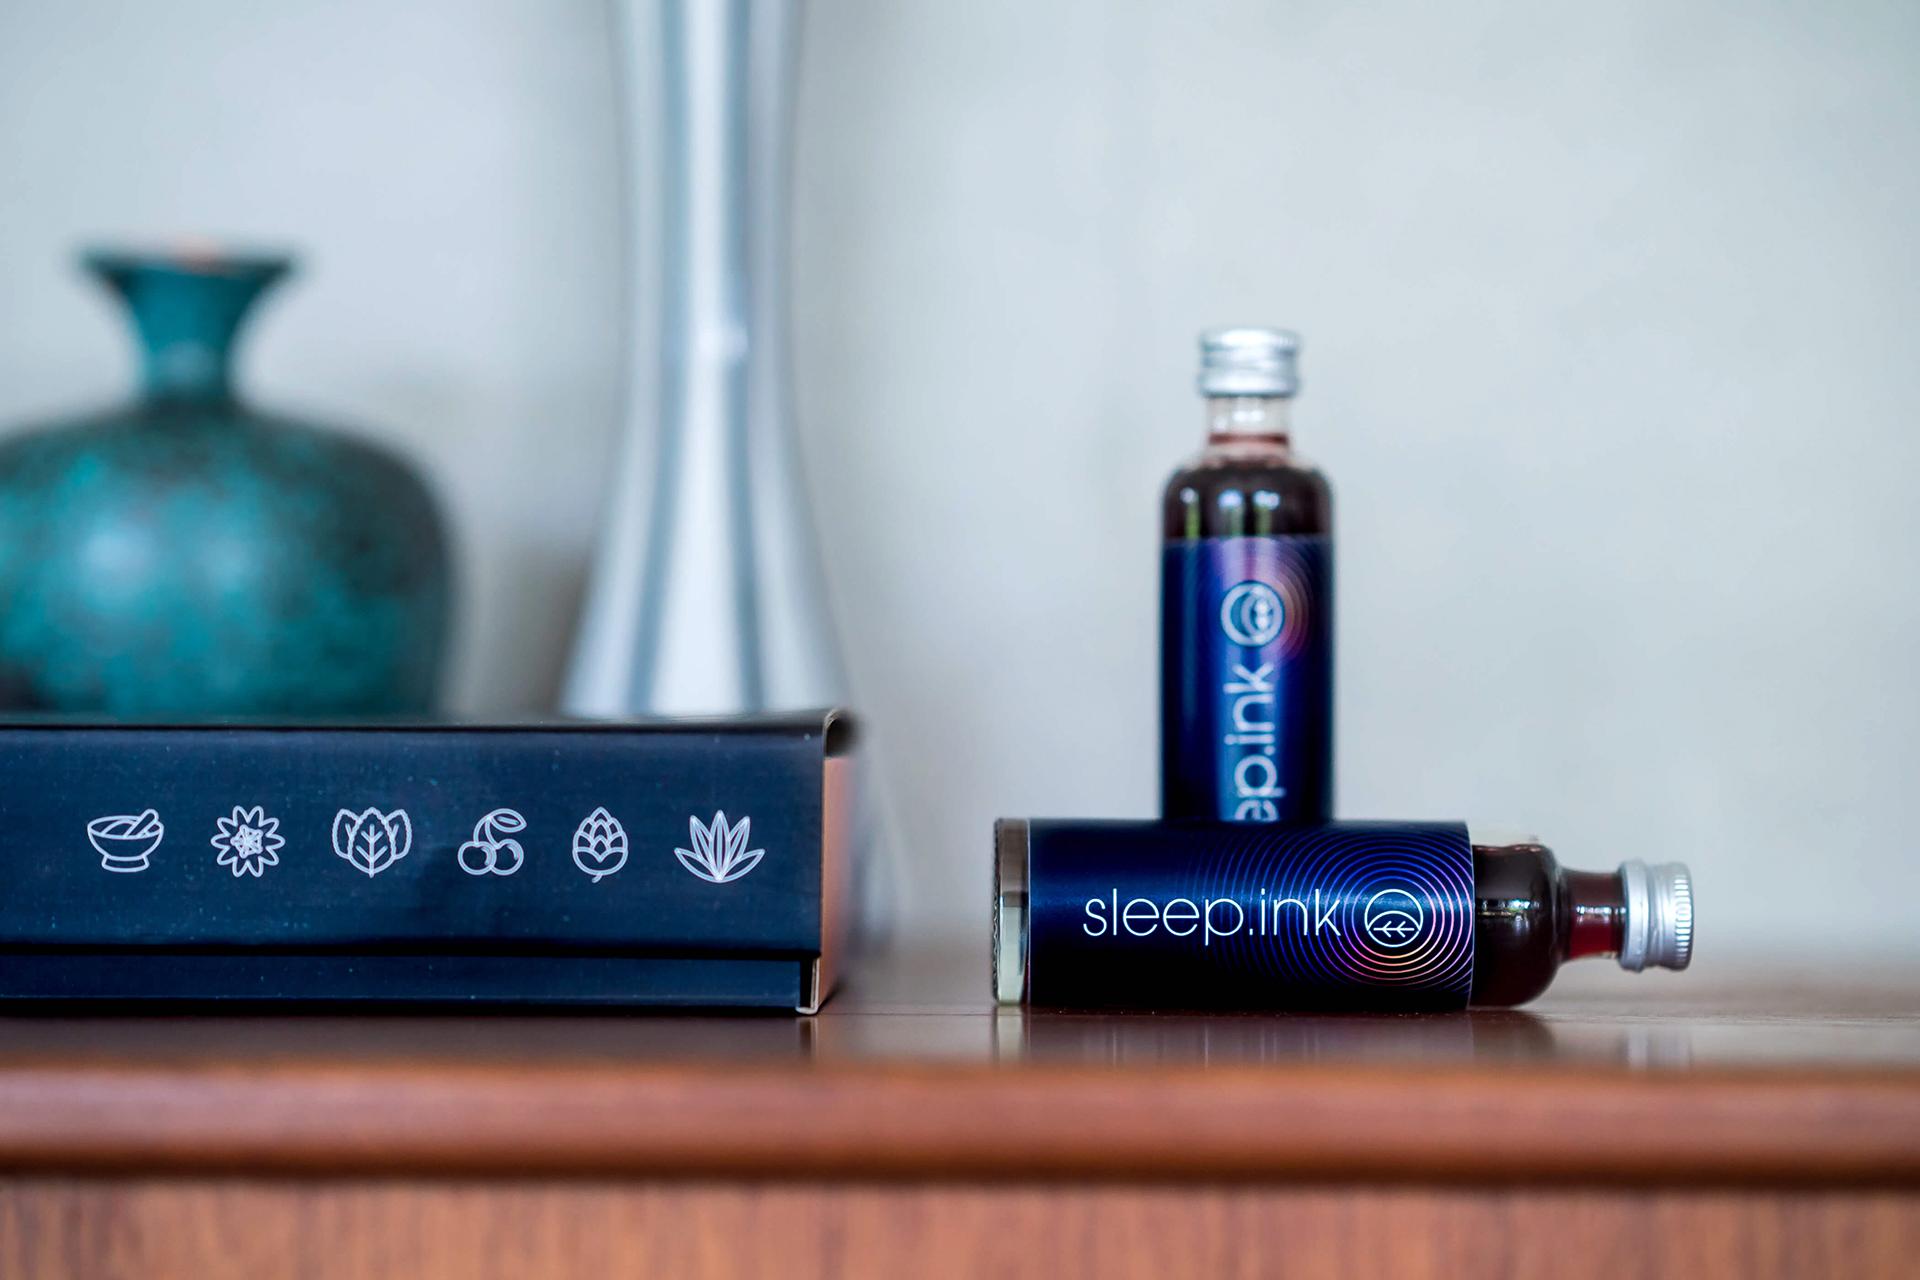 Jedes Portionsfläschchen enthält 40 Milliliter Schlafdrink